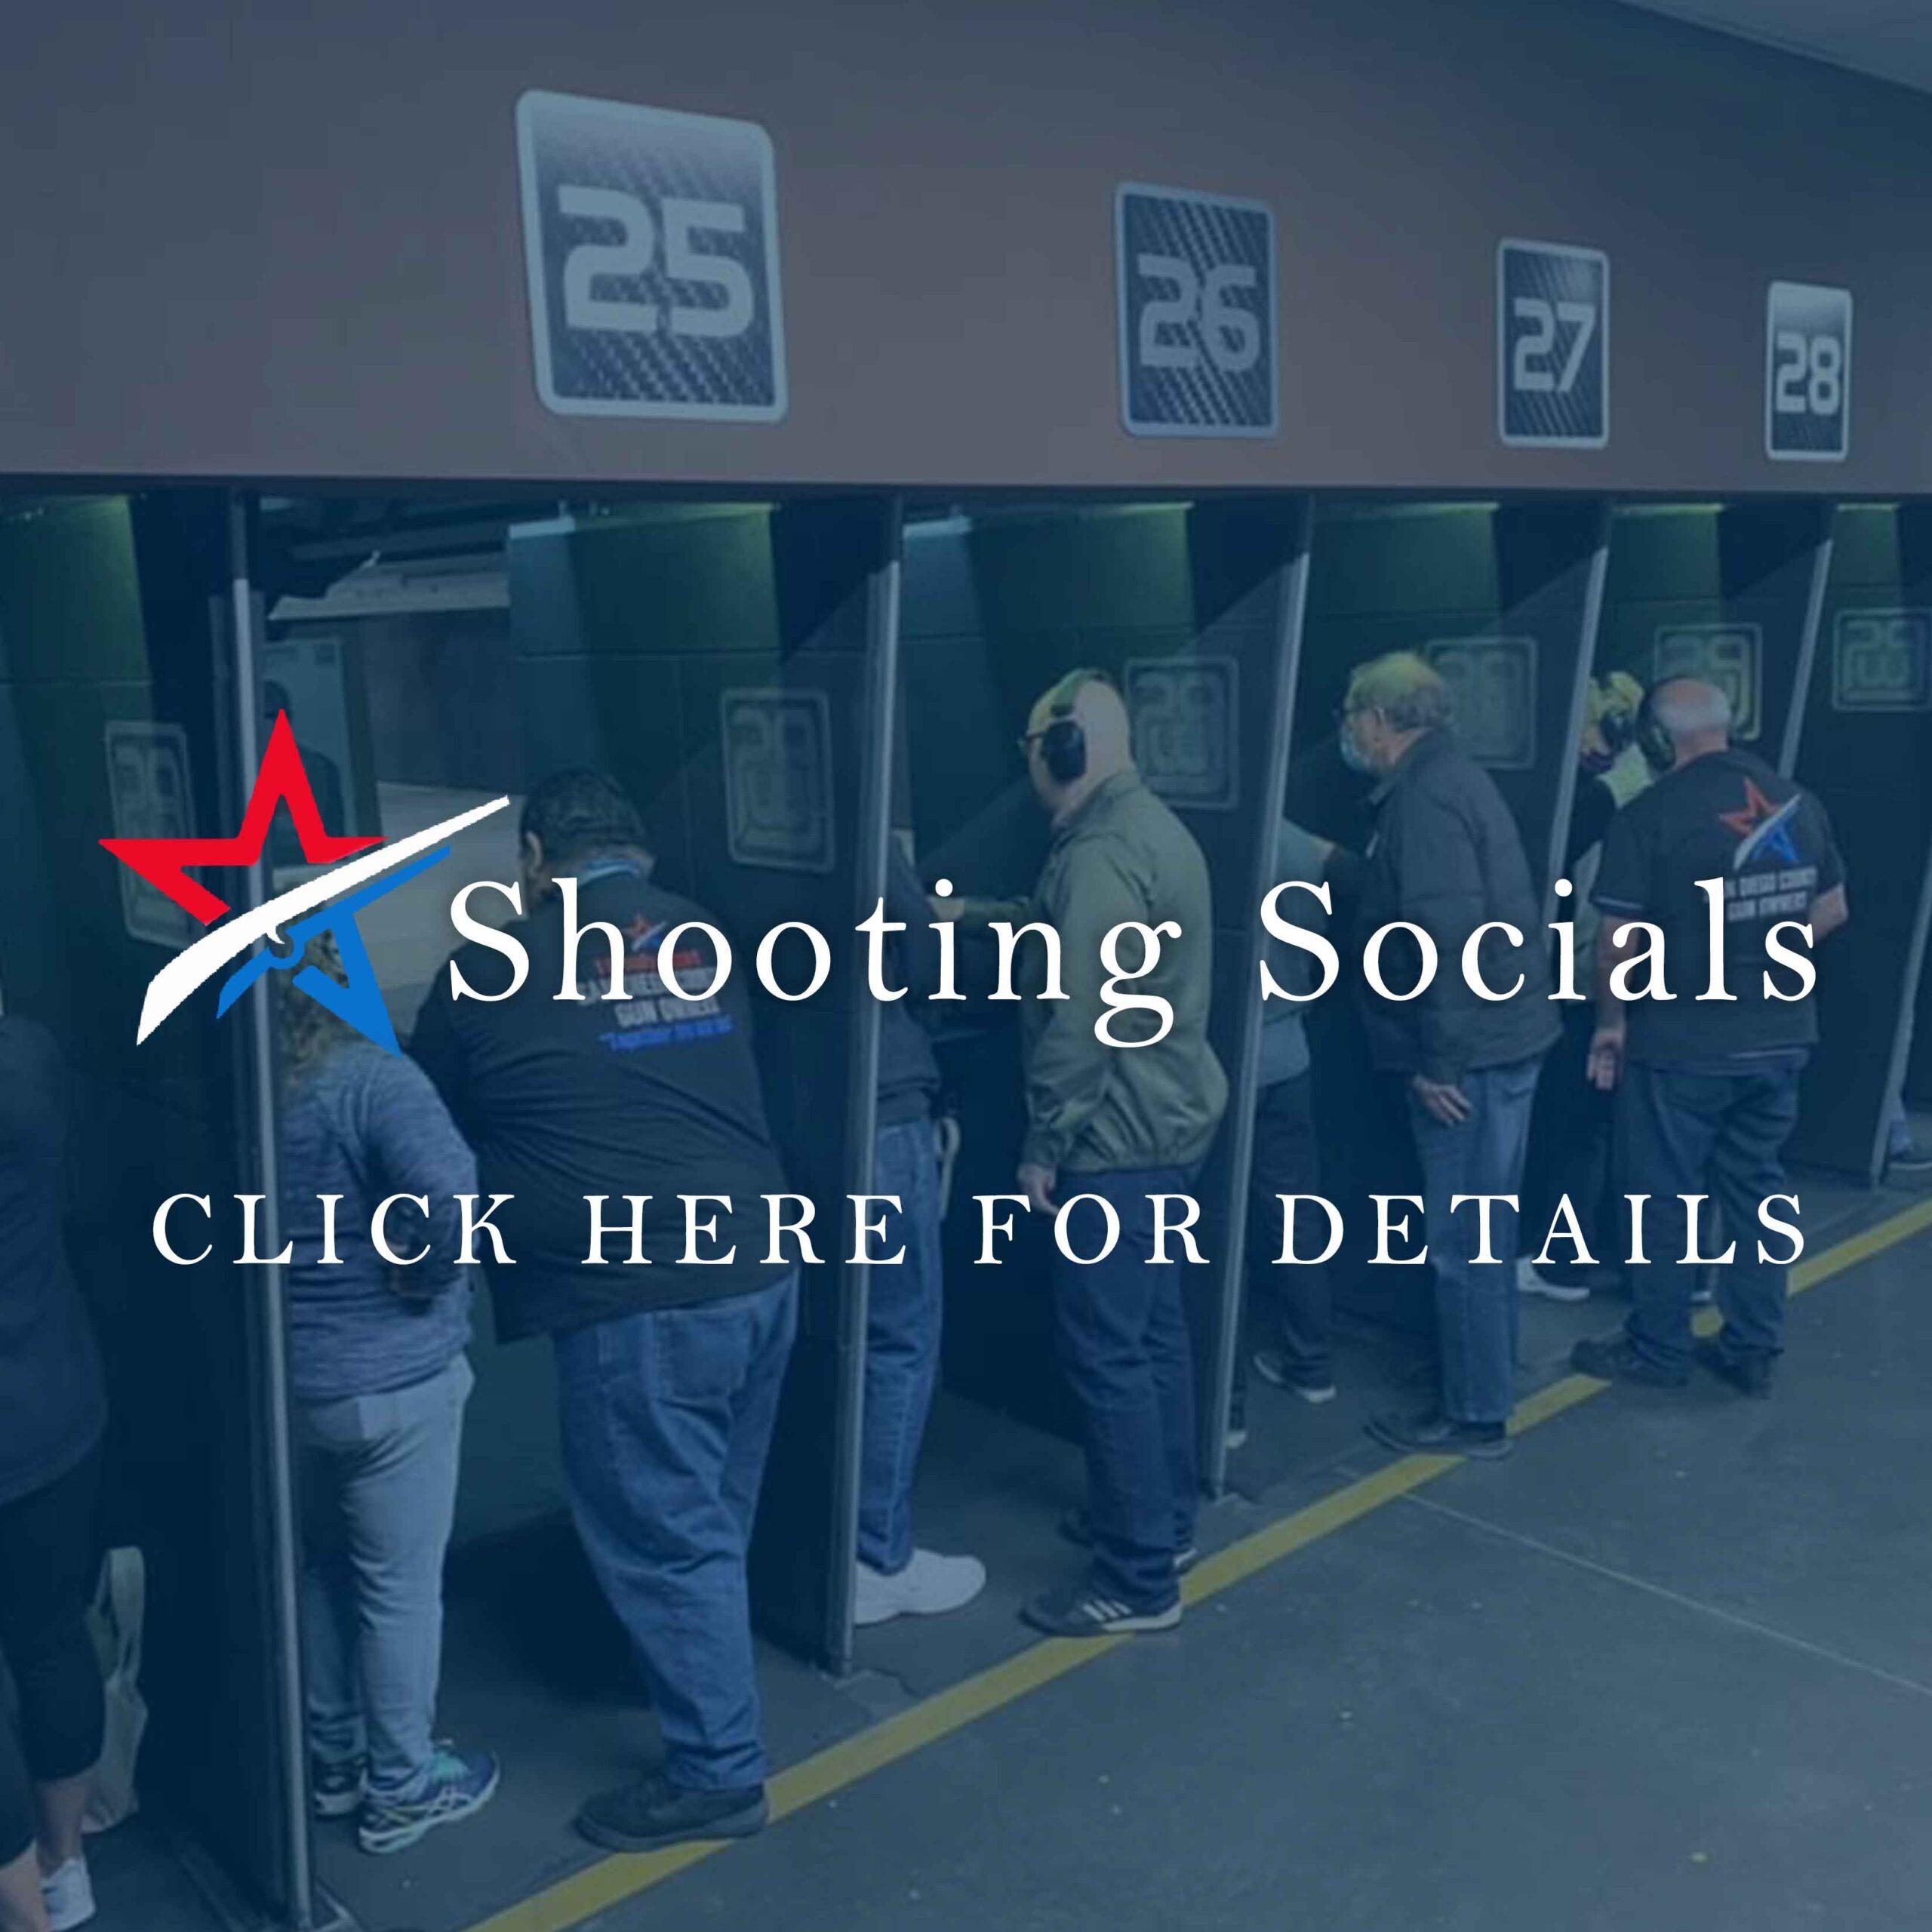 Shooting Socials